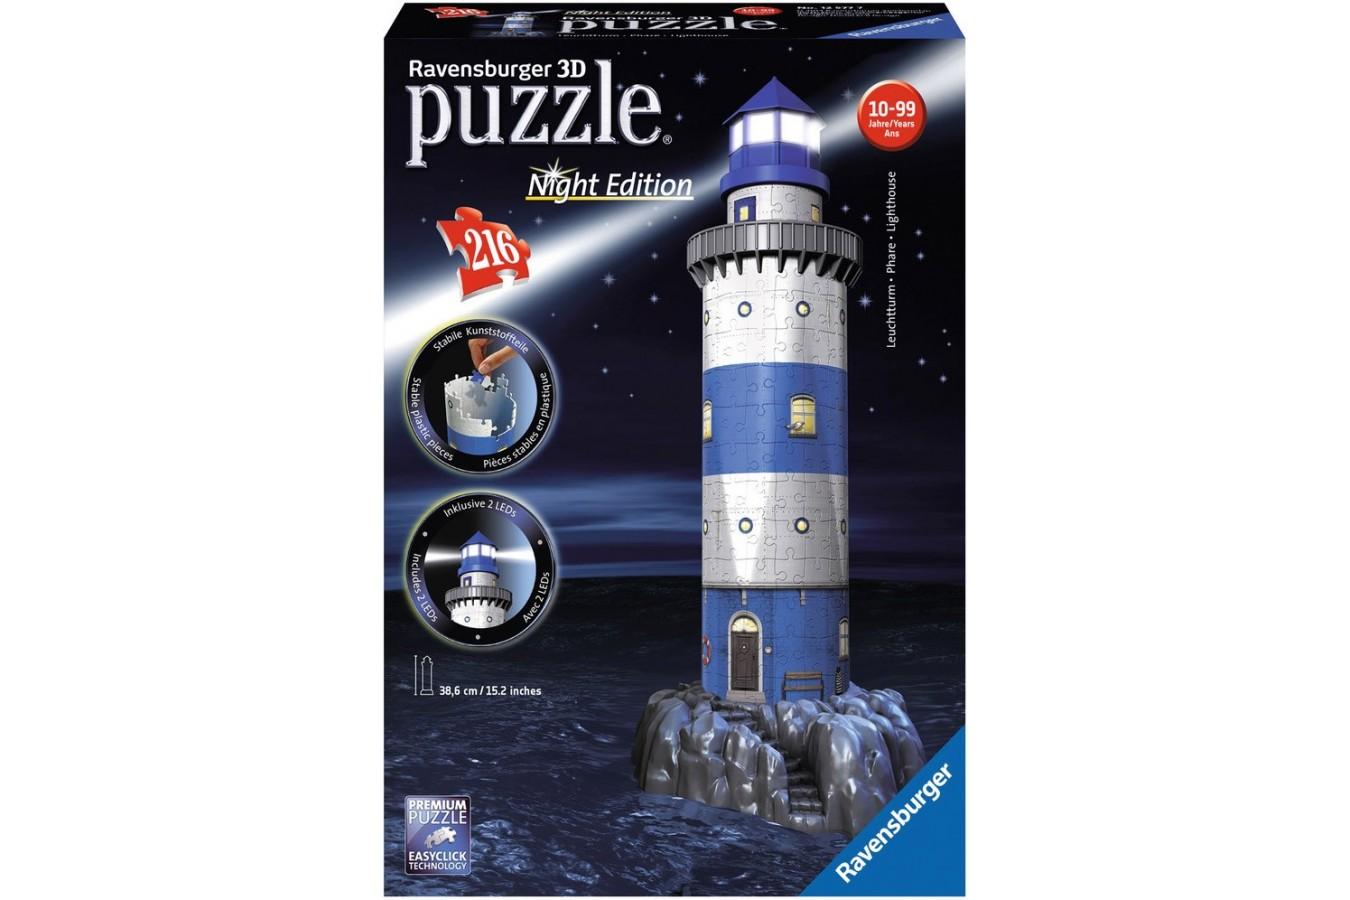 Puzzle 3D Ravensburger - Farul Noaptea, 216 piese (12577)